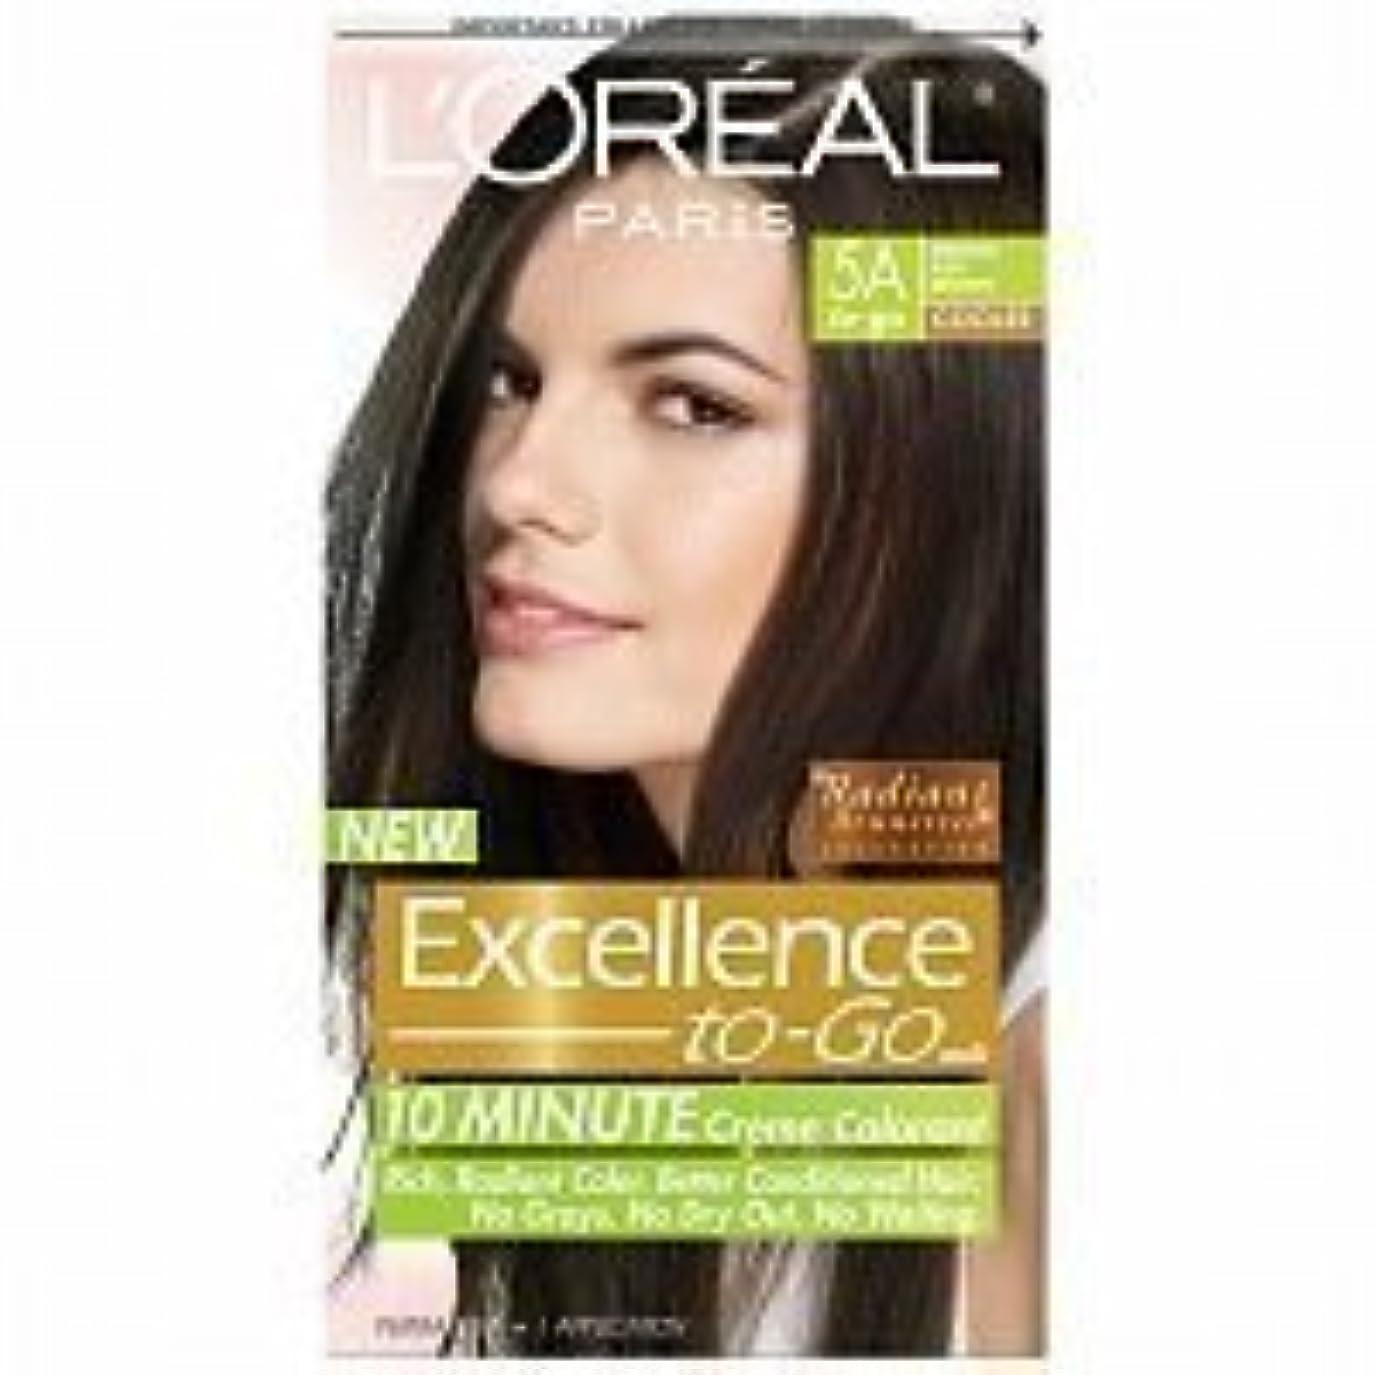 責め人に関する限り頑張るL'Oreal Paris Excellence To-Go 10-Minute Cr?N?Nme Coloring, Medium Ash Brown 5A by L'Oreal Paris Hair Color [並行輸入品]